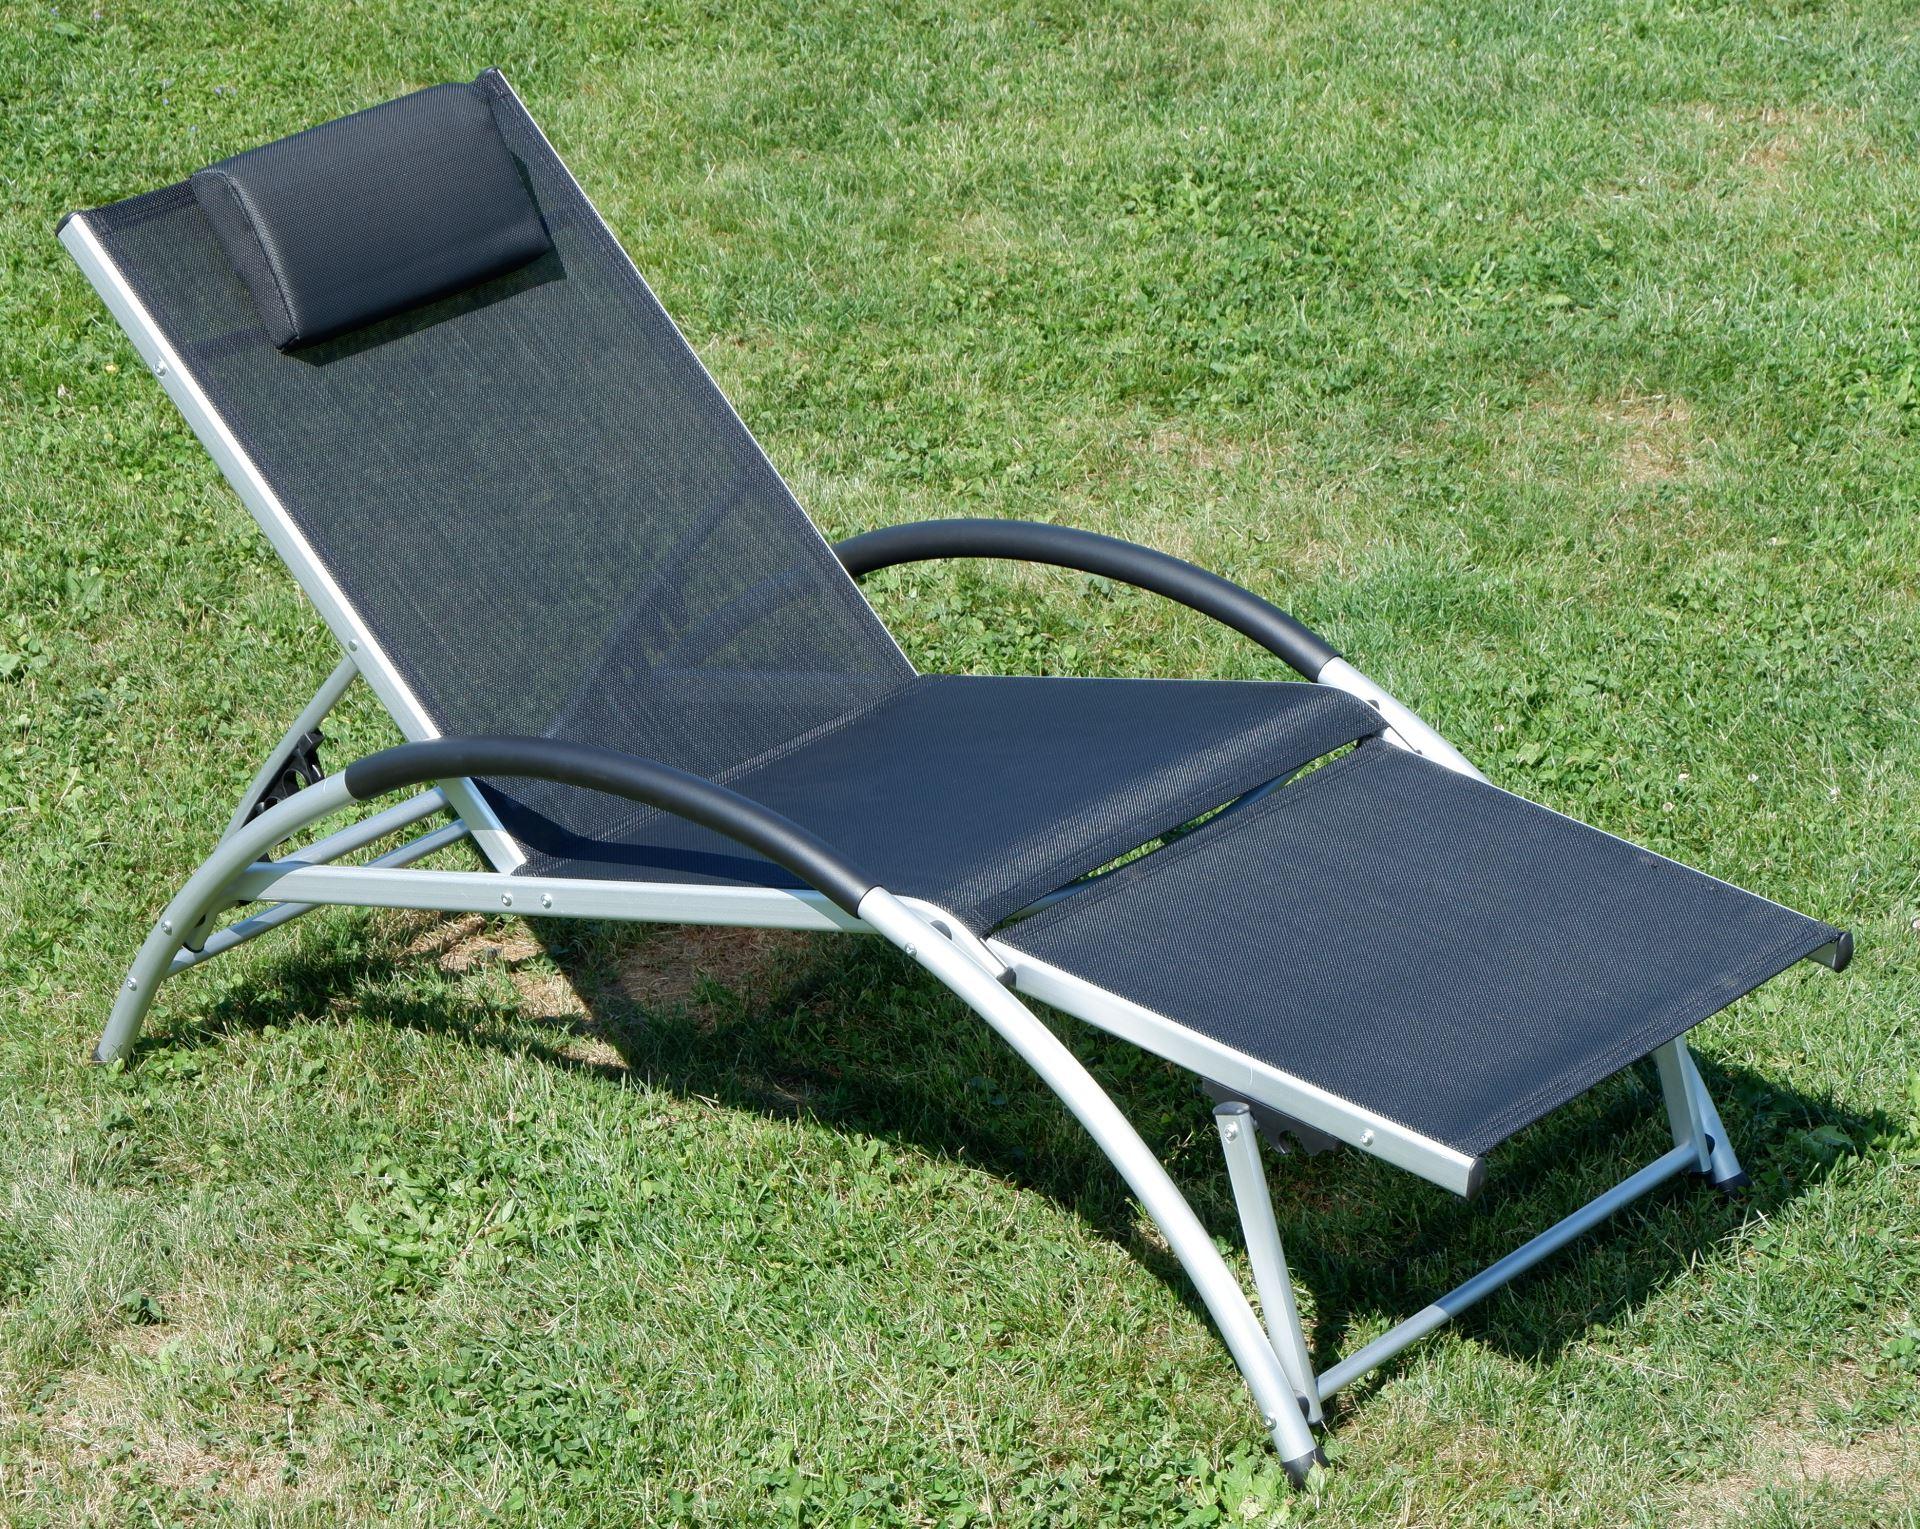 gartenliege sonnenliege fitnessliege bauchmuskeltrainer stabile aluminium konstruktion mit. Black Bedroom Furniture Sets. Home Design Ideas